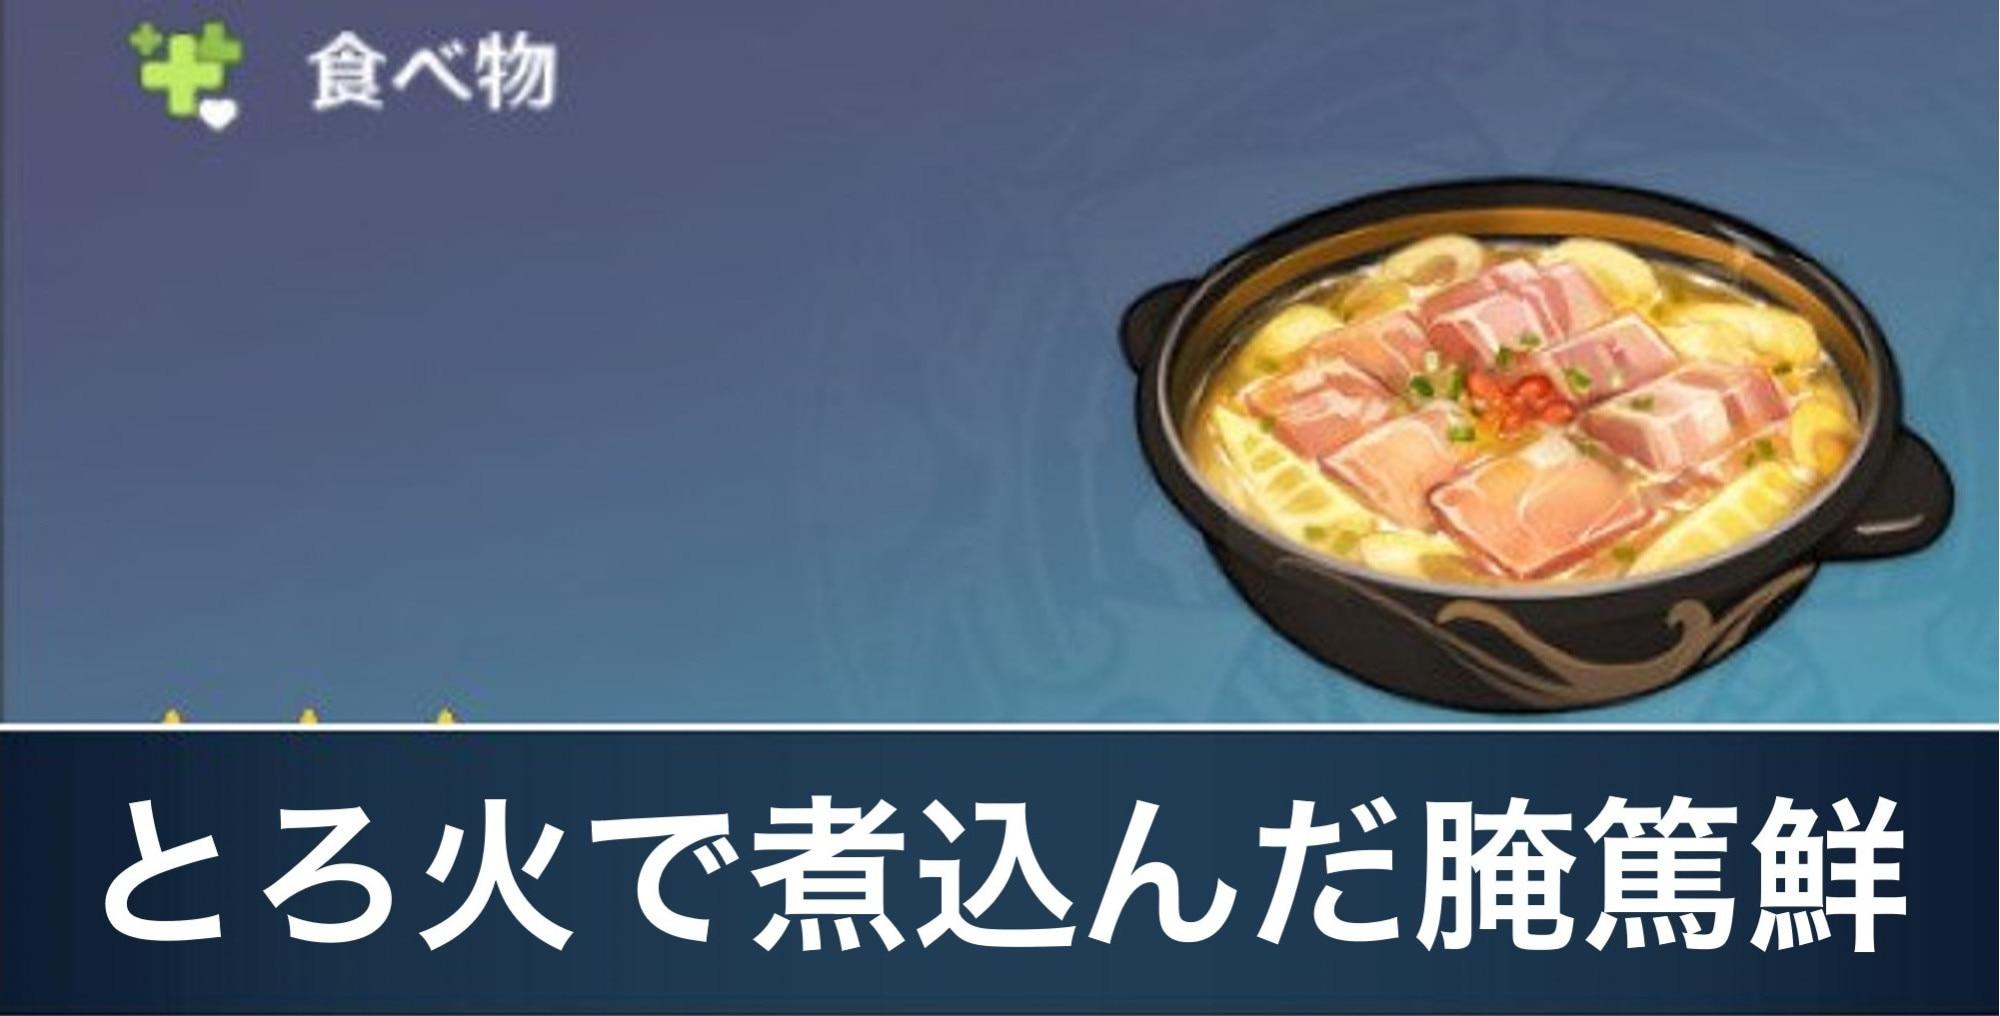 とろ火で煮込んだ腌篤鮮のレシピ入手方法と効果